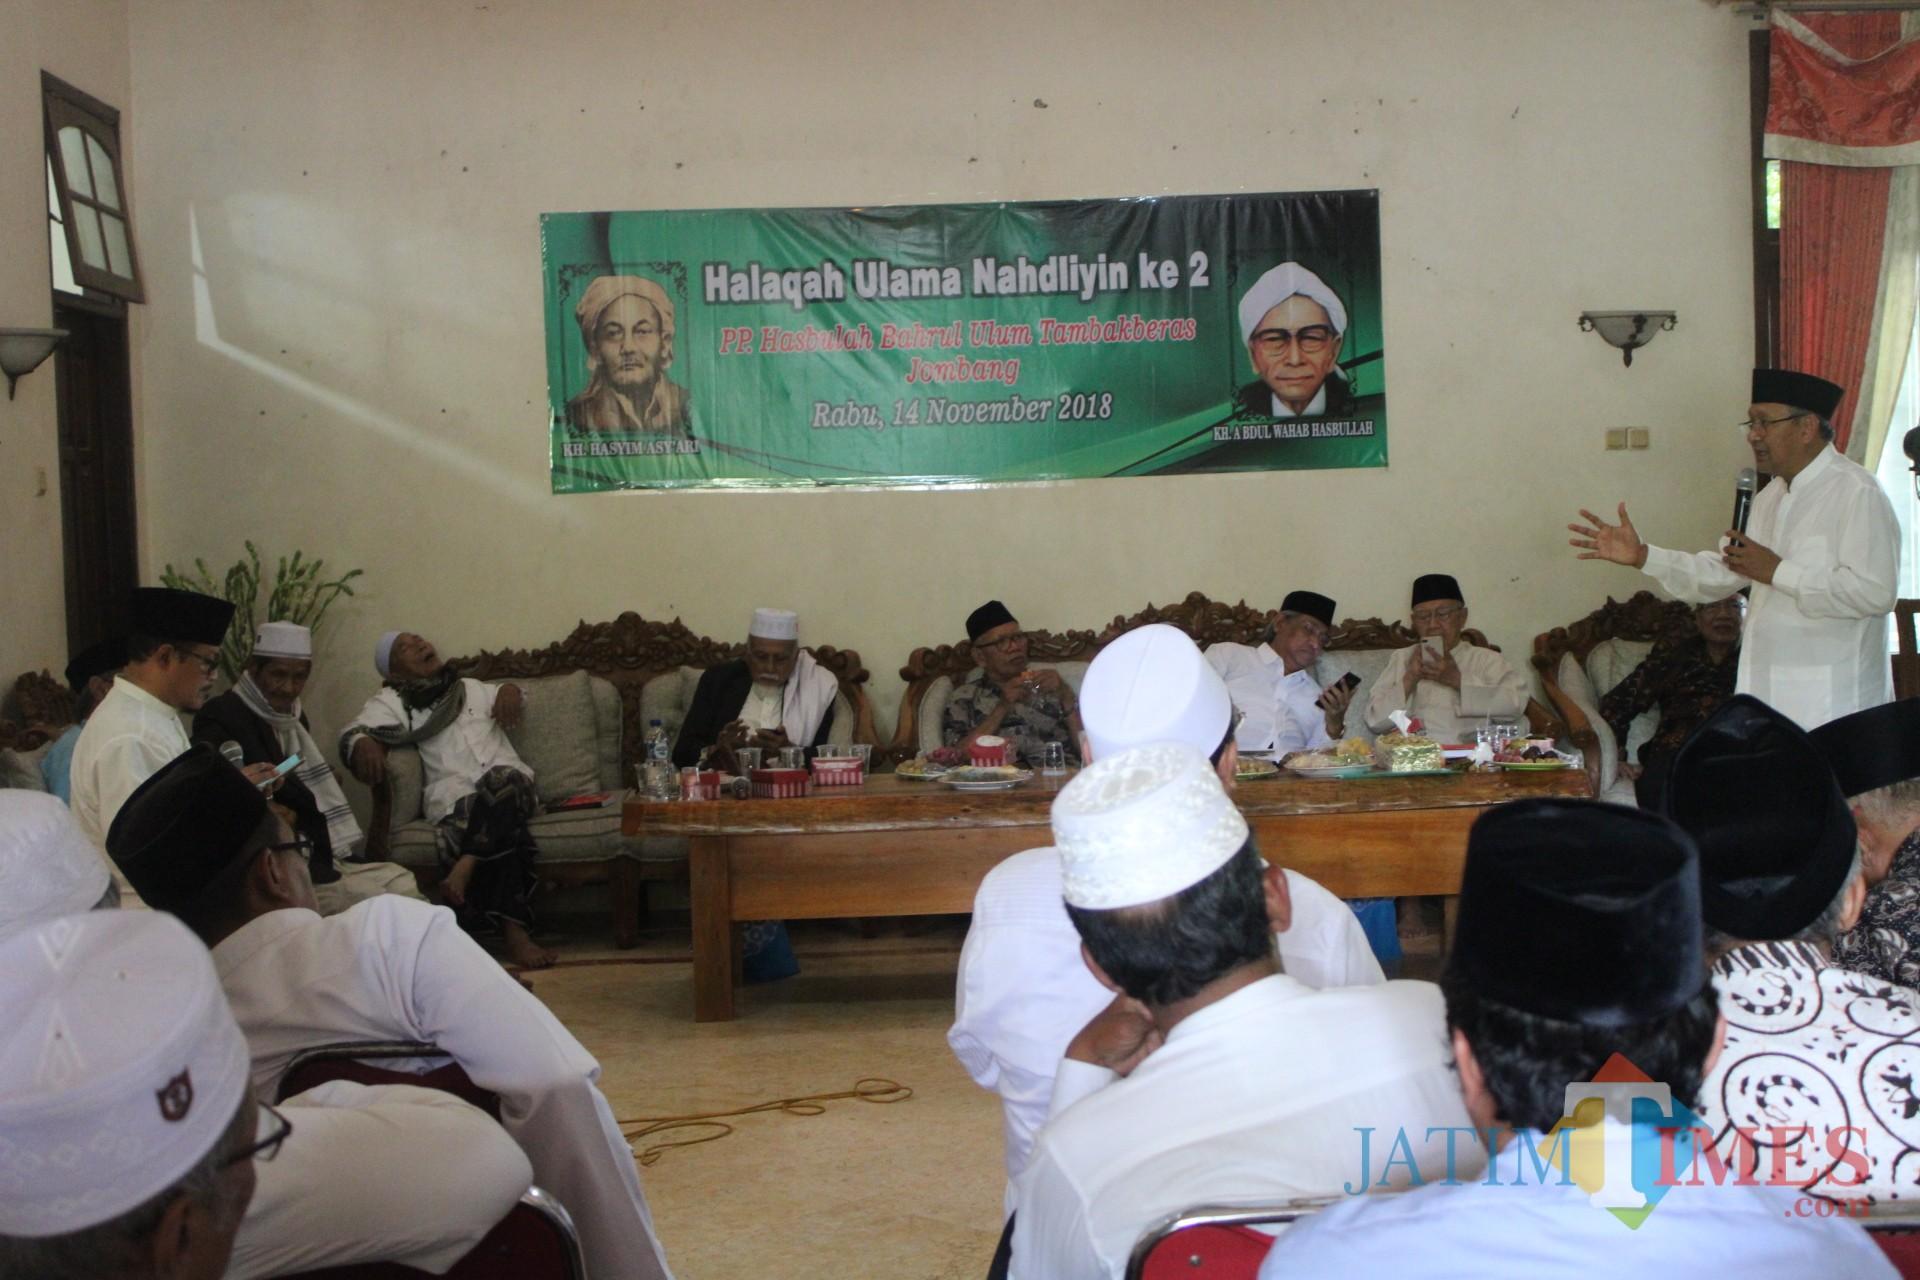 Suasana Halaqah Ulama Nahdliyin ke-2 di PP Bahrul  Ulum Tambakberas Jombang. (Foto : Adi Rosul / JombangTIMES)